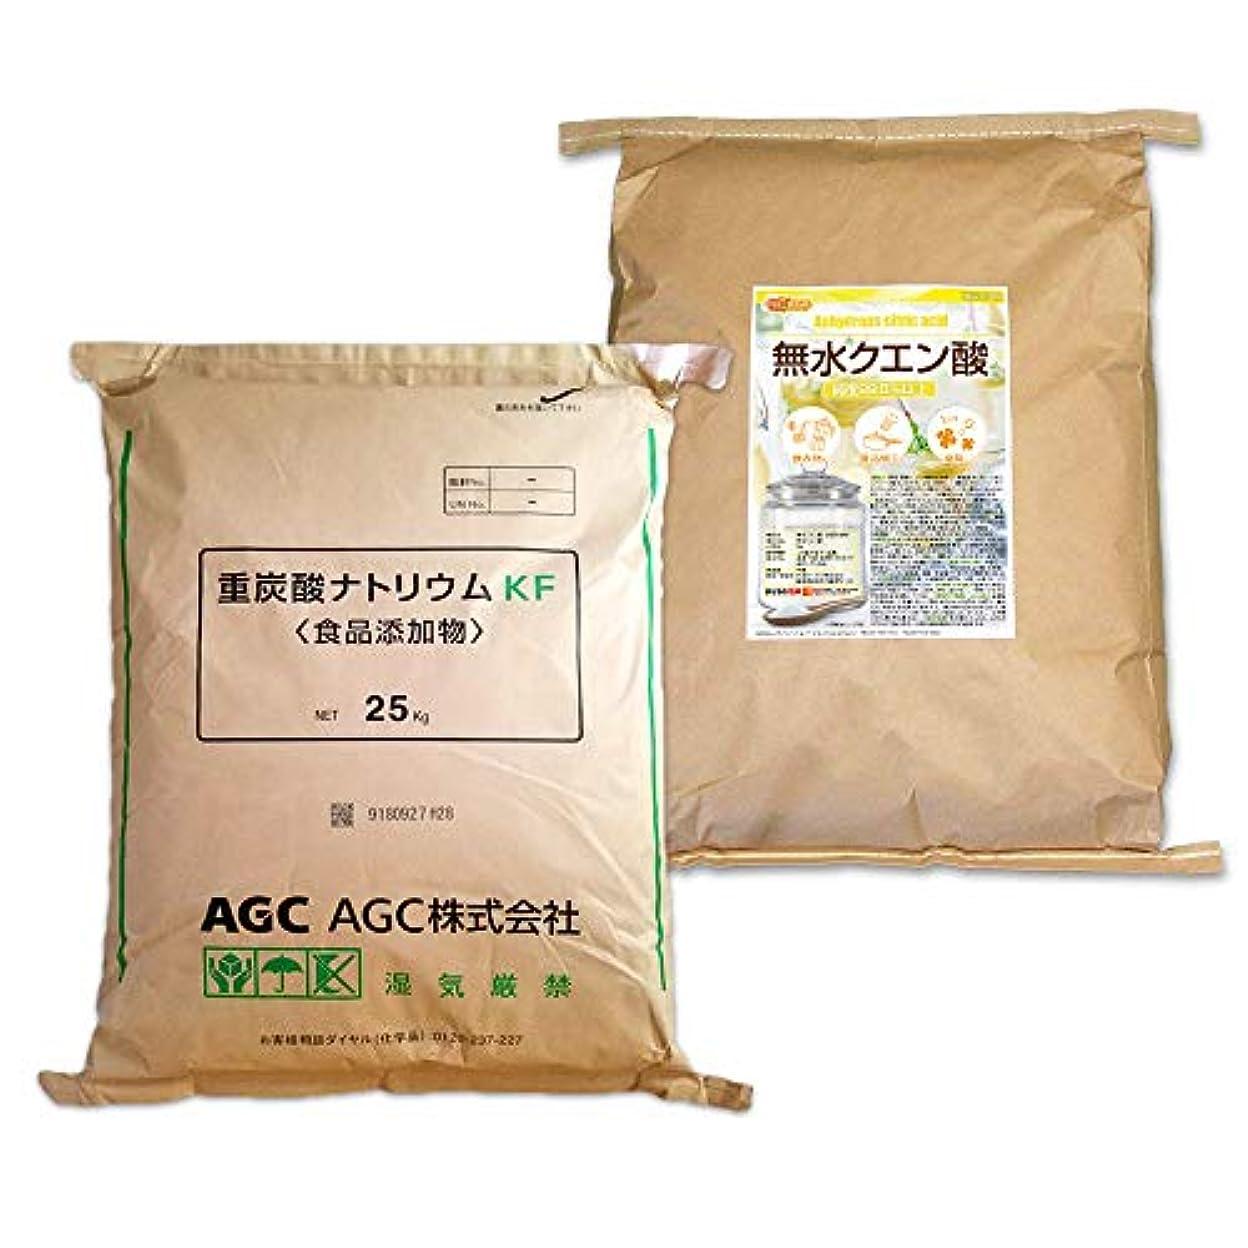 嫌い意志メールAGC製 重曹 25kg + 無水 クエン酸 25kg セット [02] 【同梱不可】NICHIGA(ニチガ)